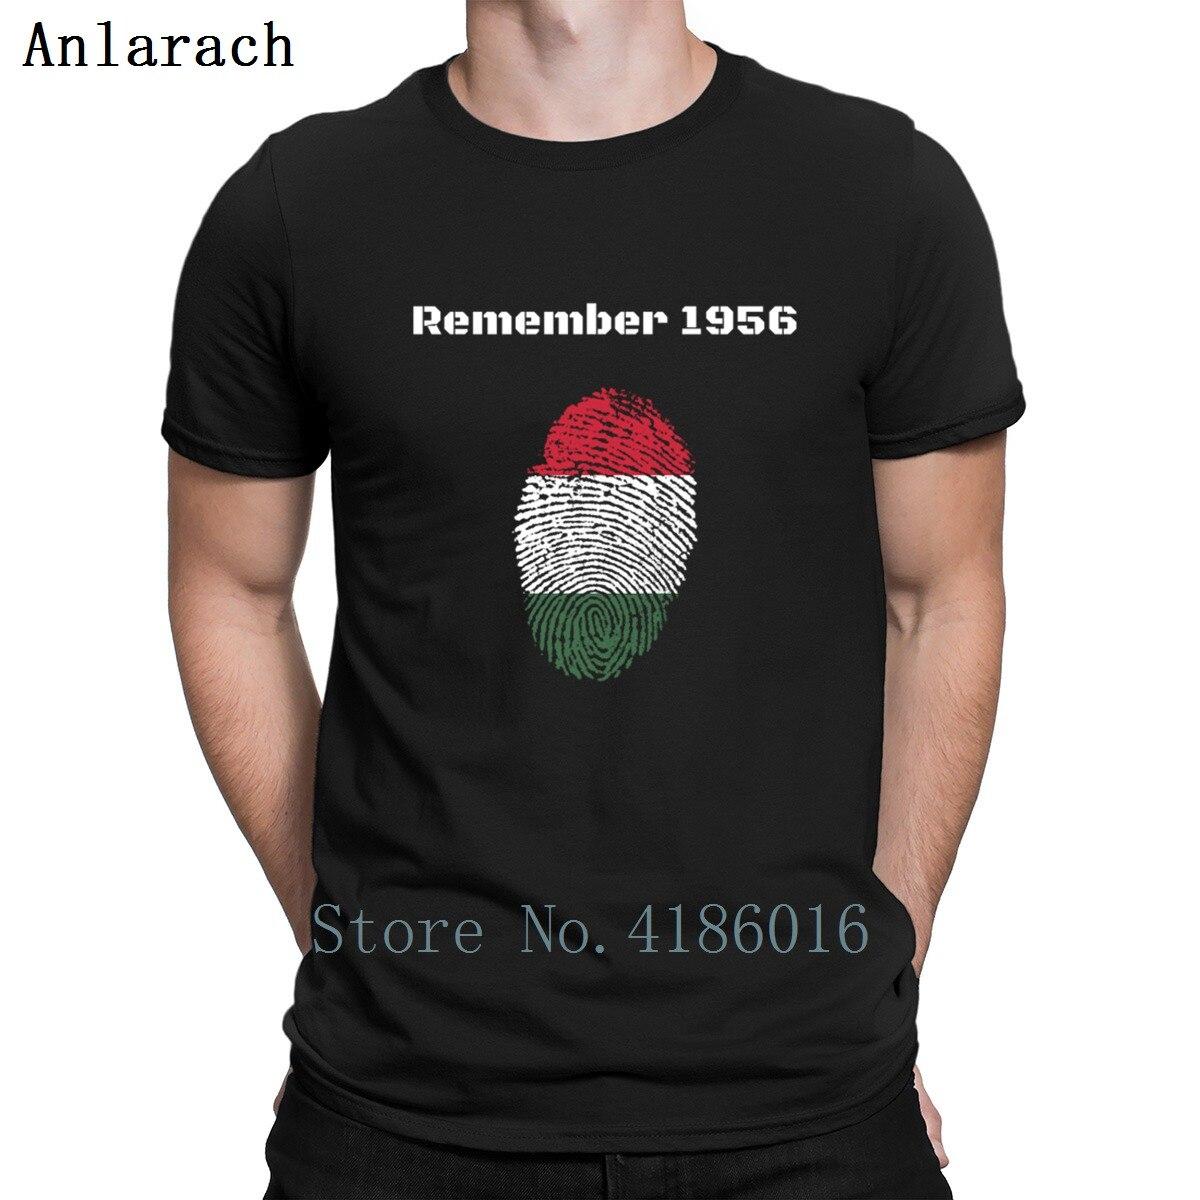 Hungria 1956 camisetas Kawaii algodón crear Pop Top Tee hombres camiseta verano regalo Camiseta básica ocio S-3xl